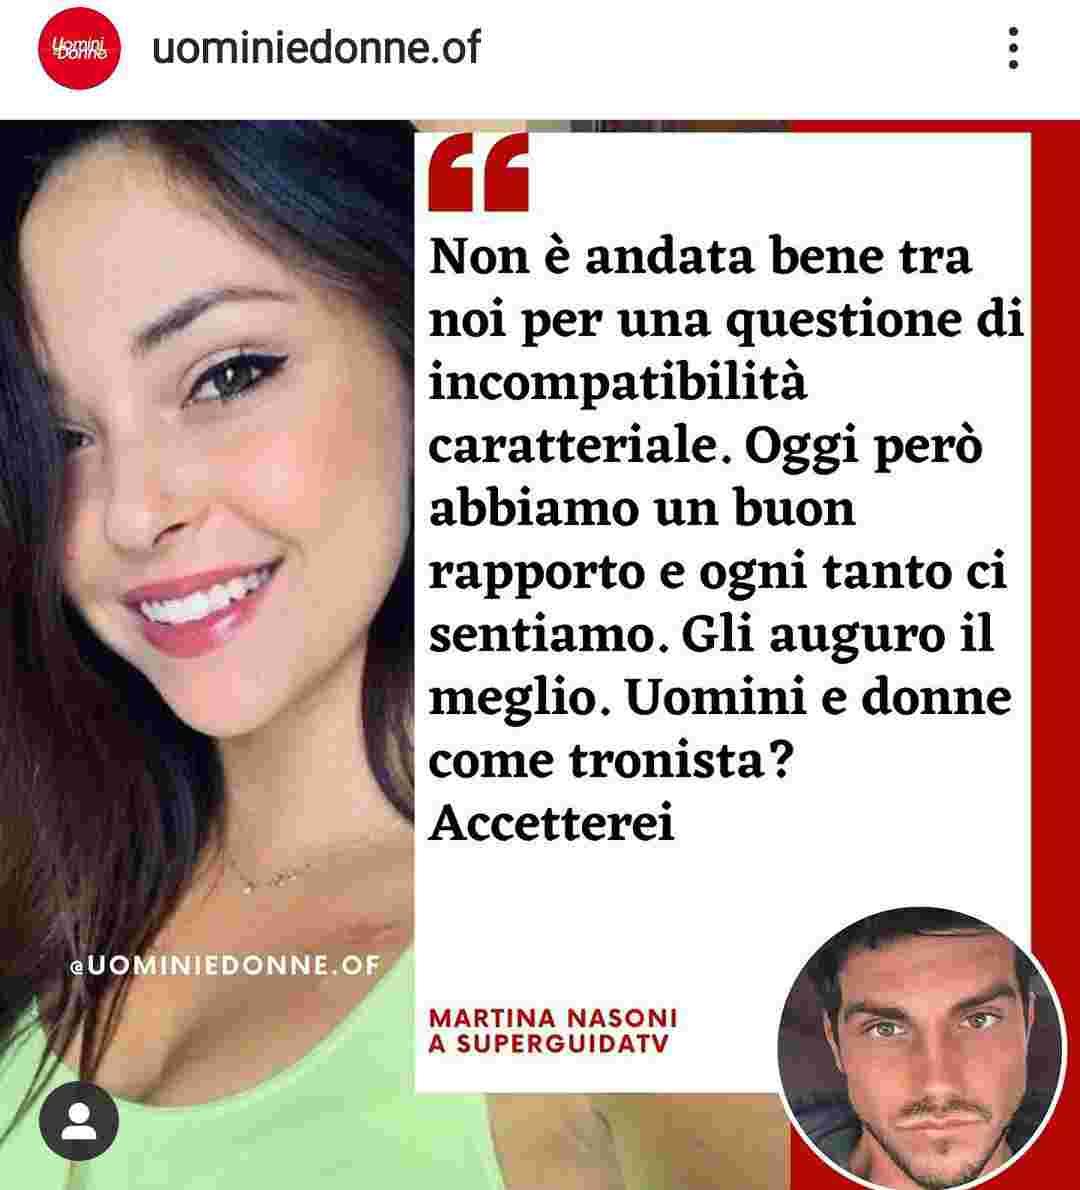 Martina Nasoni e Daniele Dal Moro - Fonte Instagram